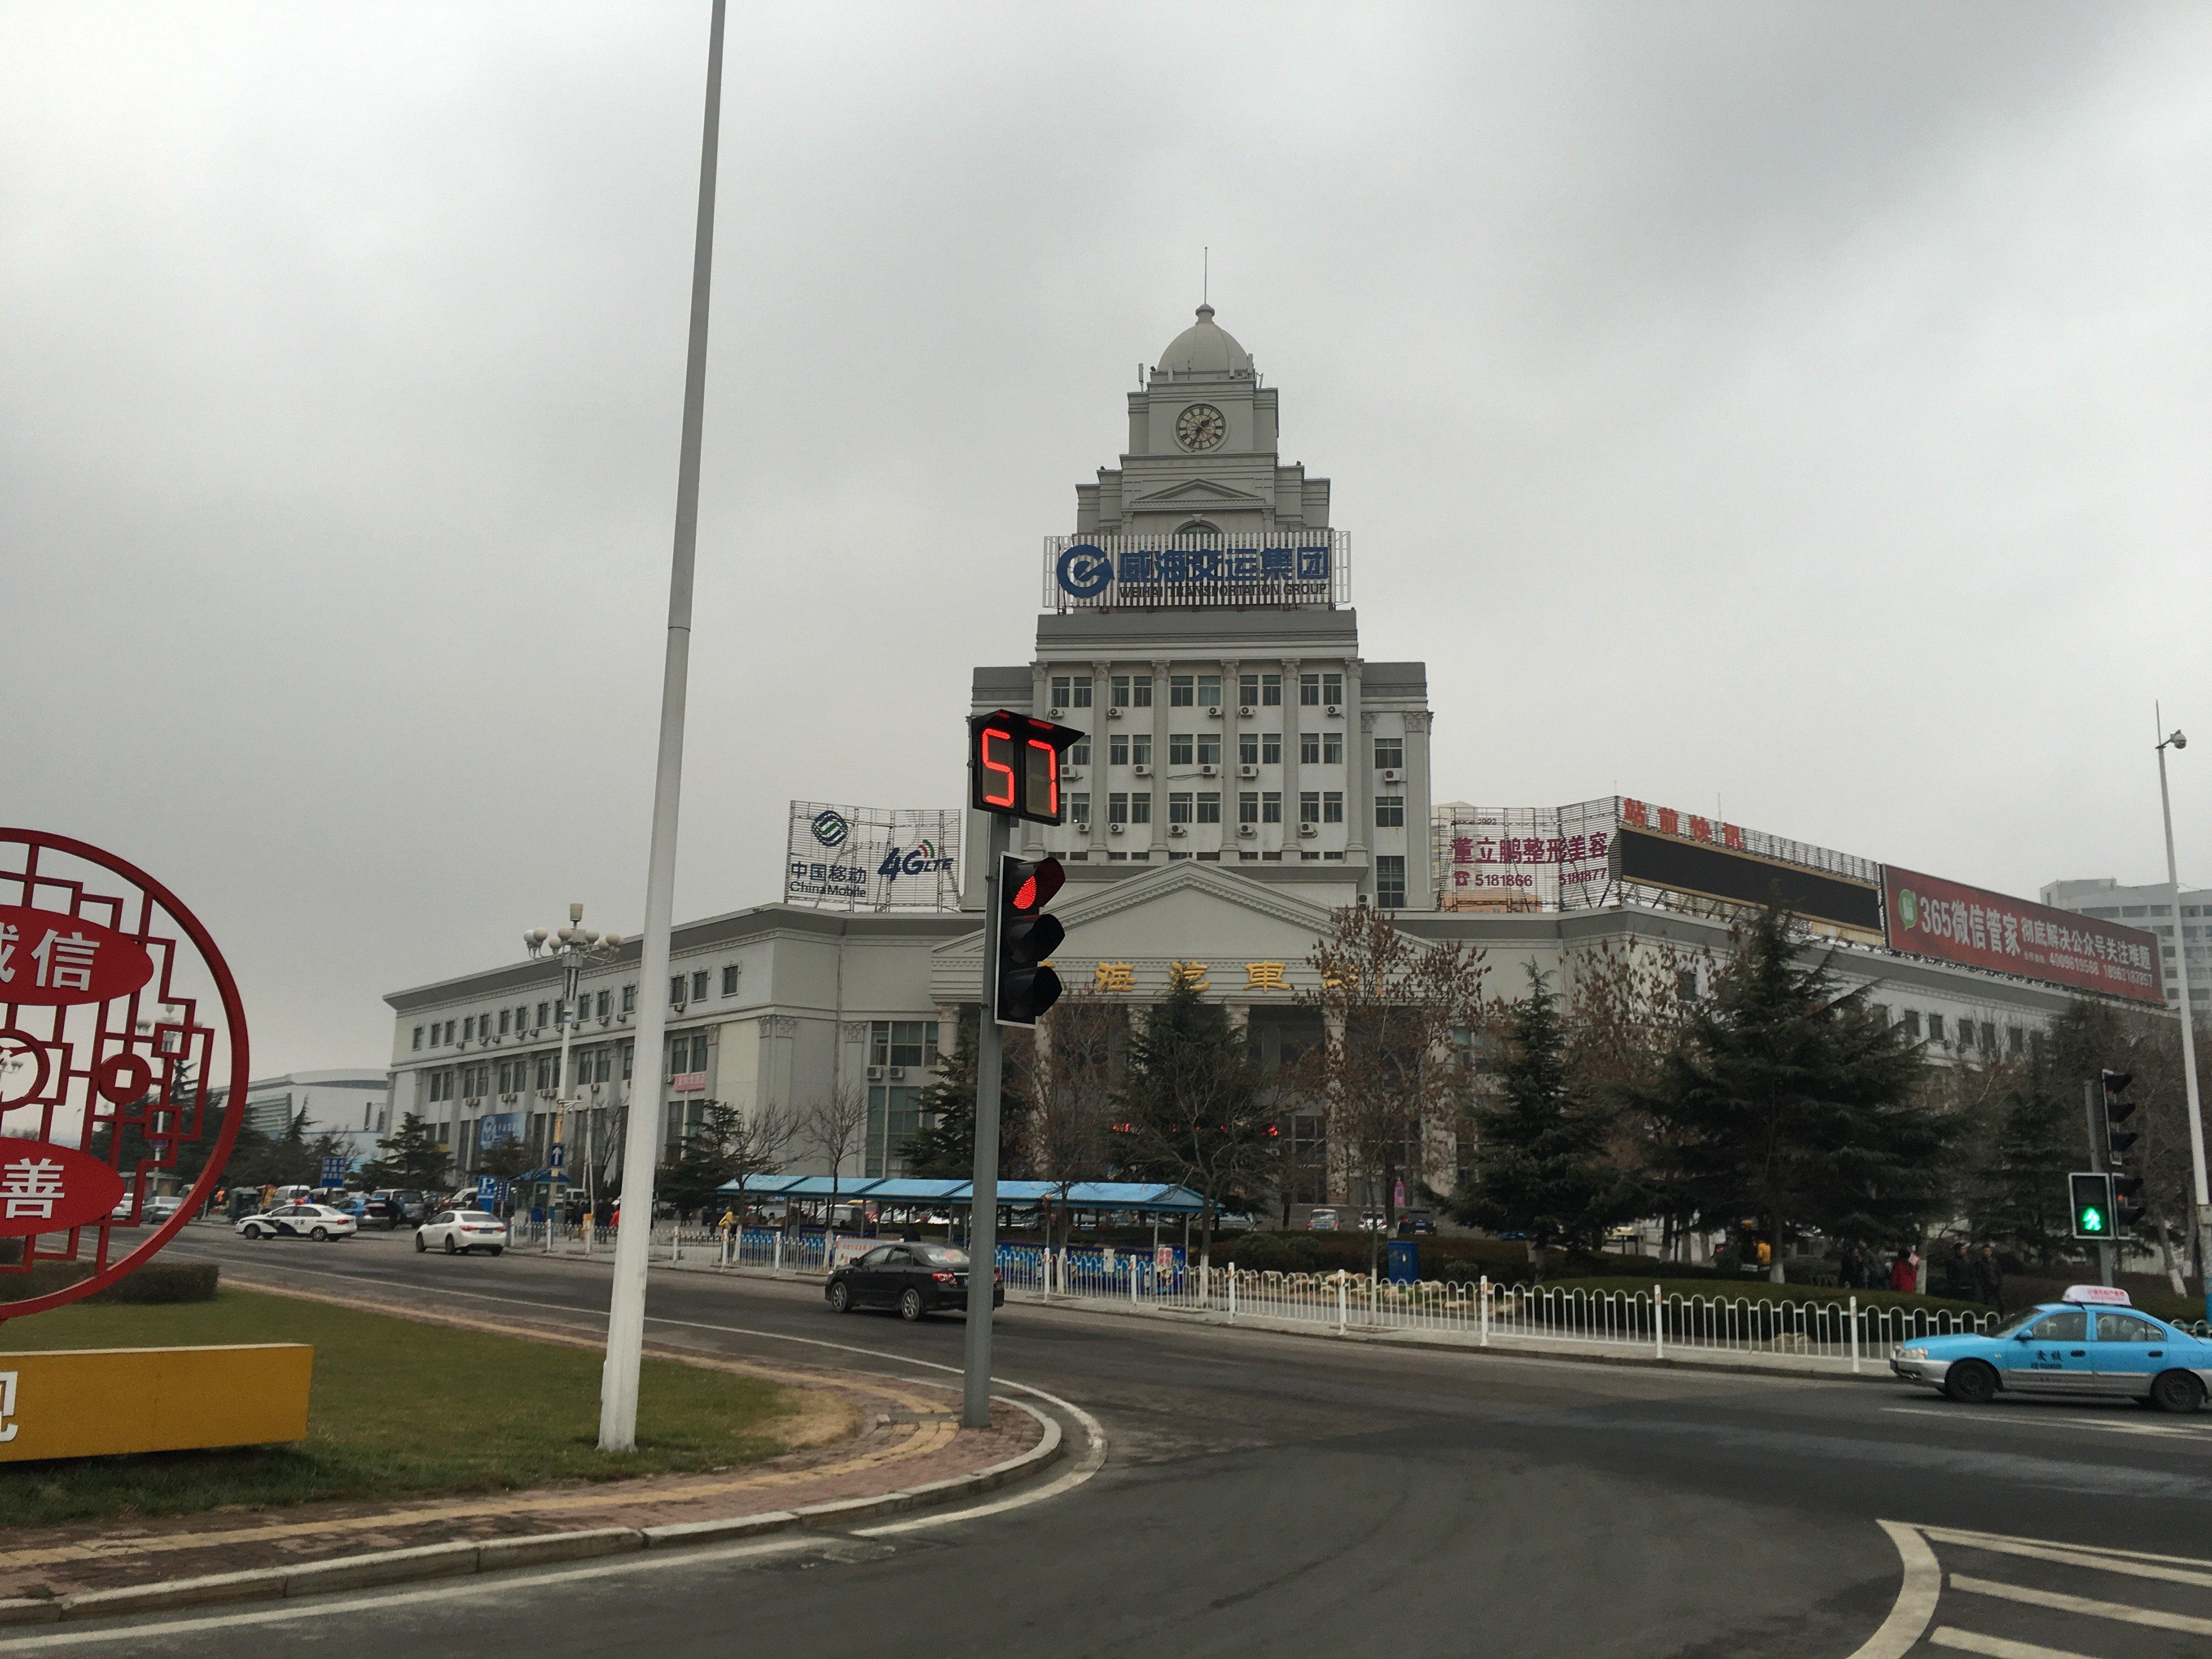 威海外贸服装批�_【携程攻略】威海韩国服装城购物,威海服装城位于老港